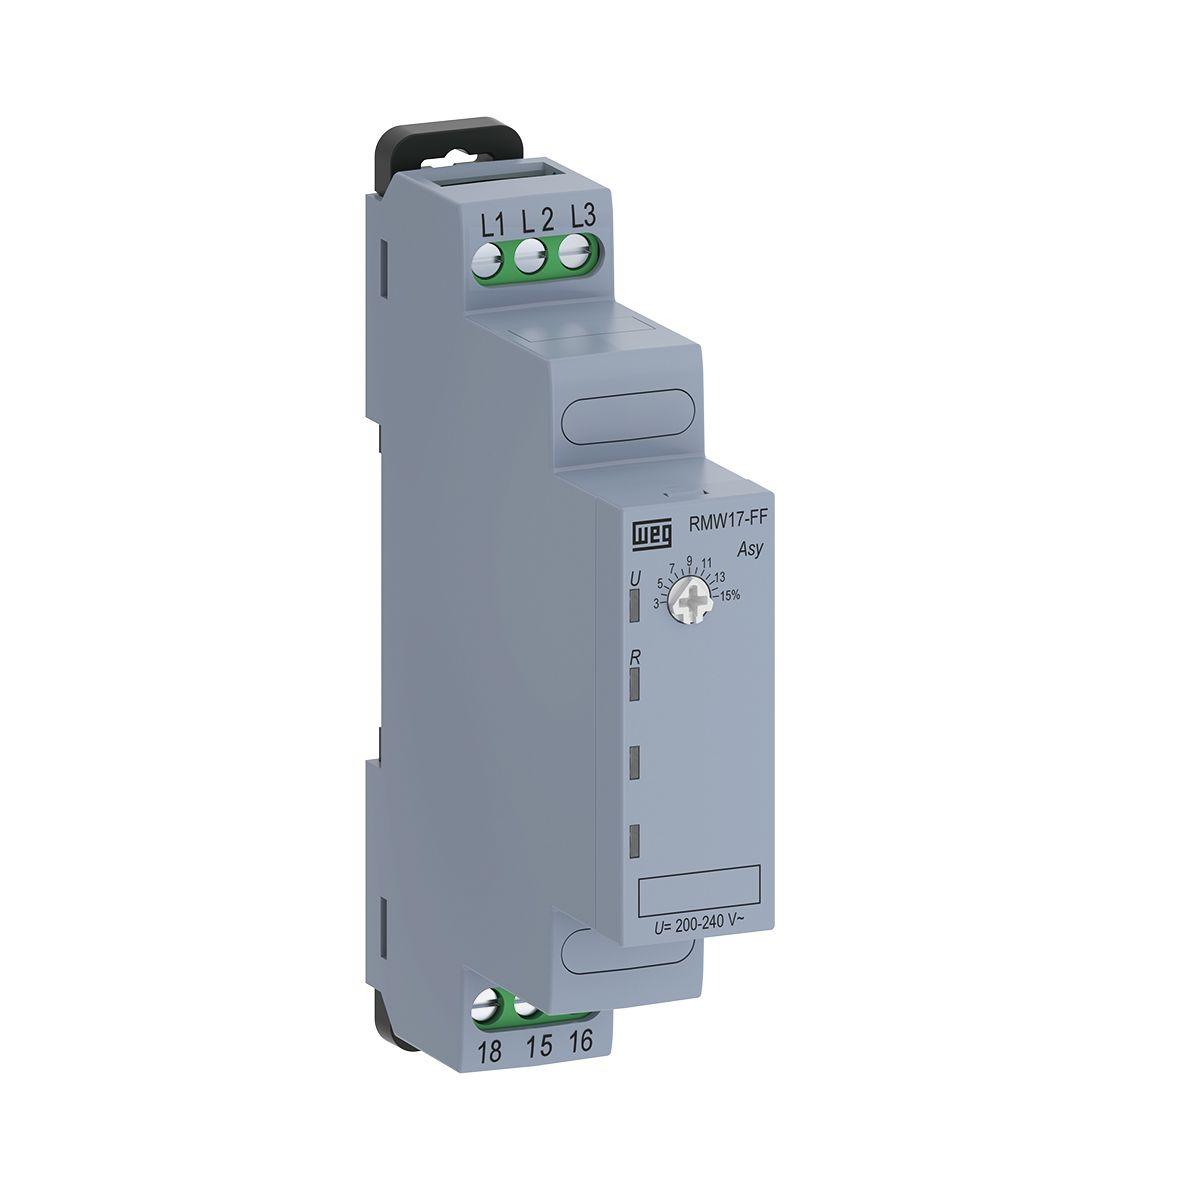 Rele Proteção Falta de Fase RMW17-FF 220-240V WEG